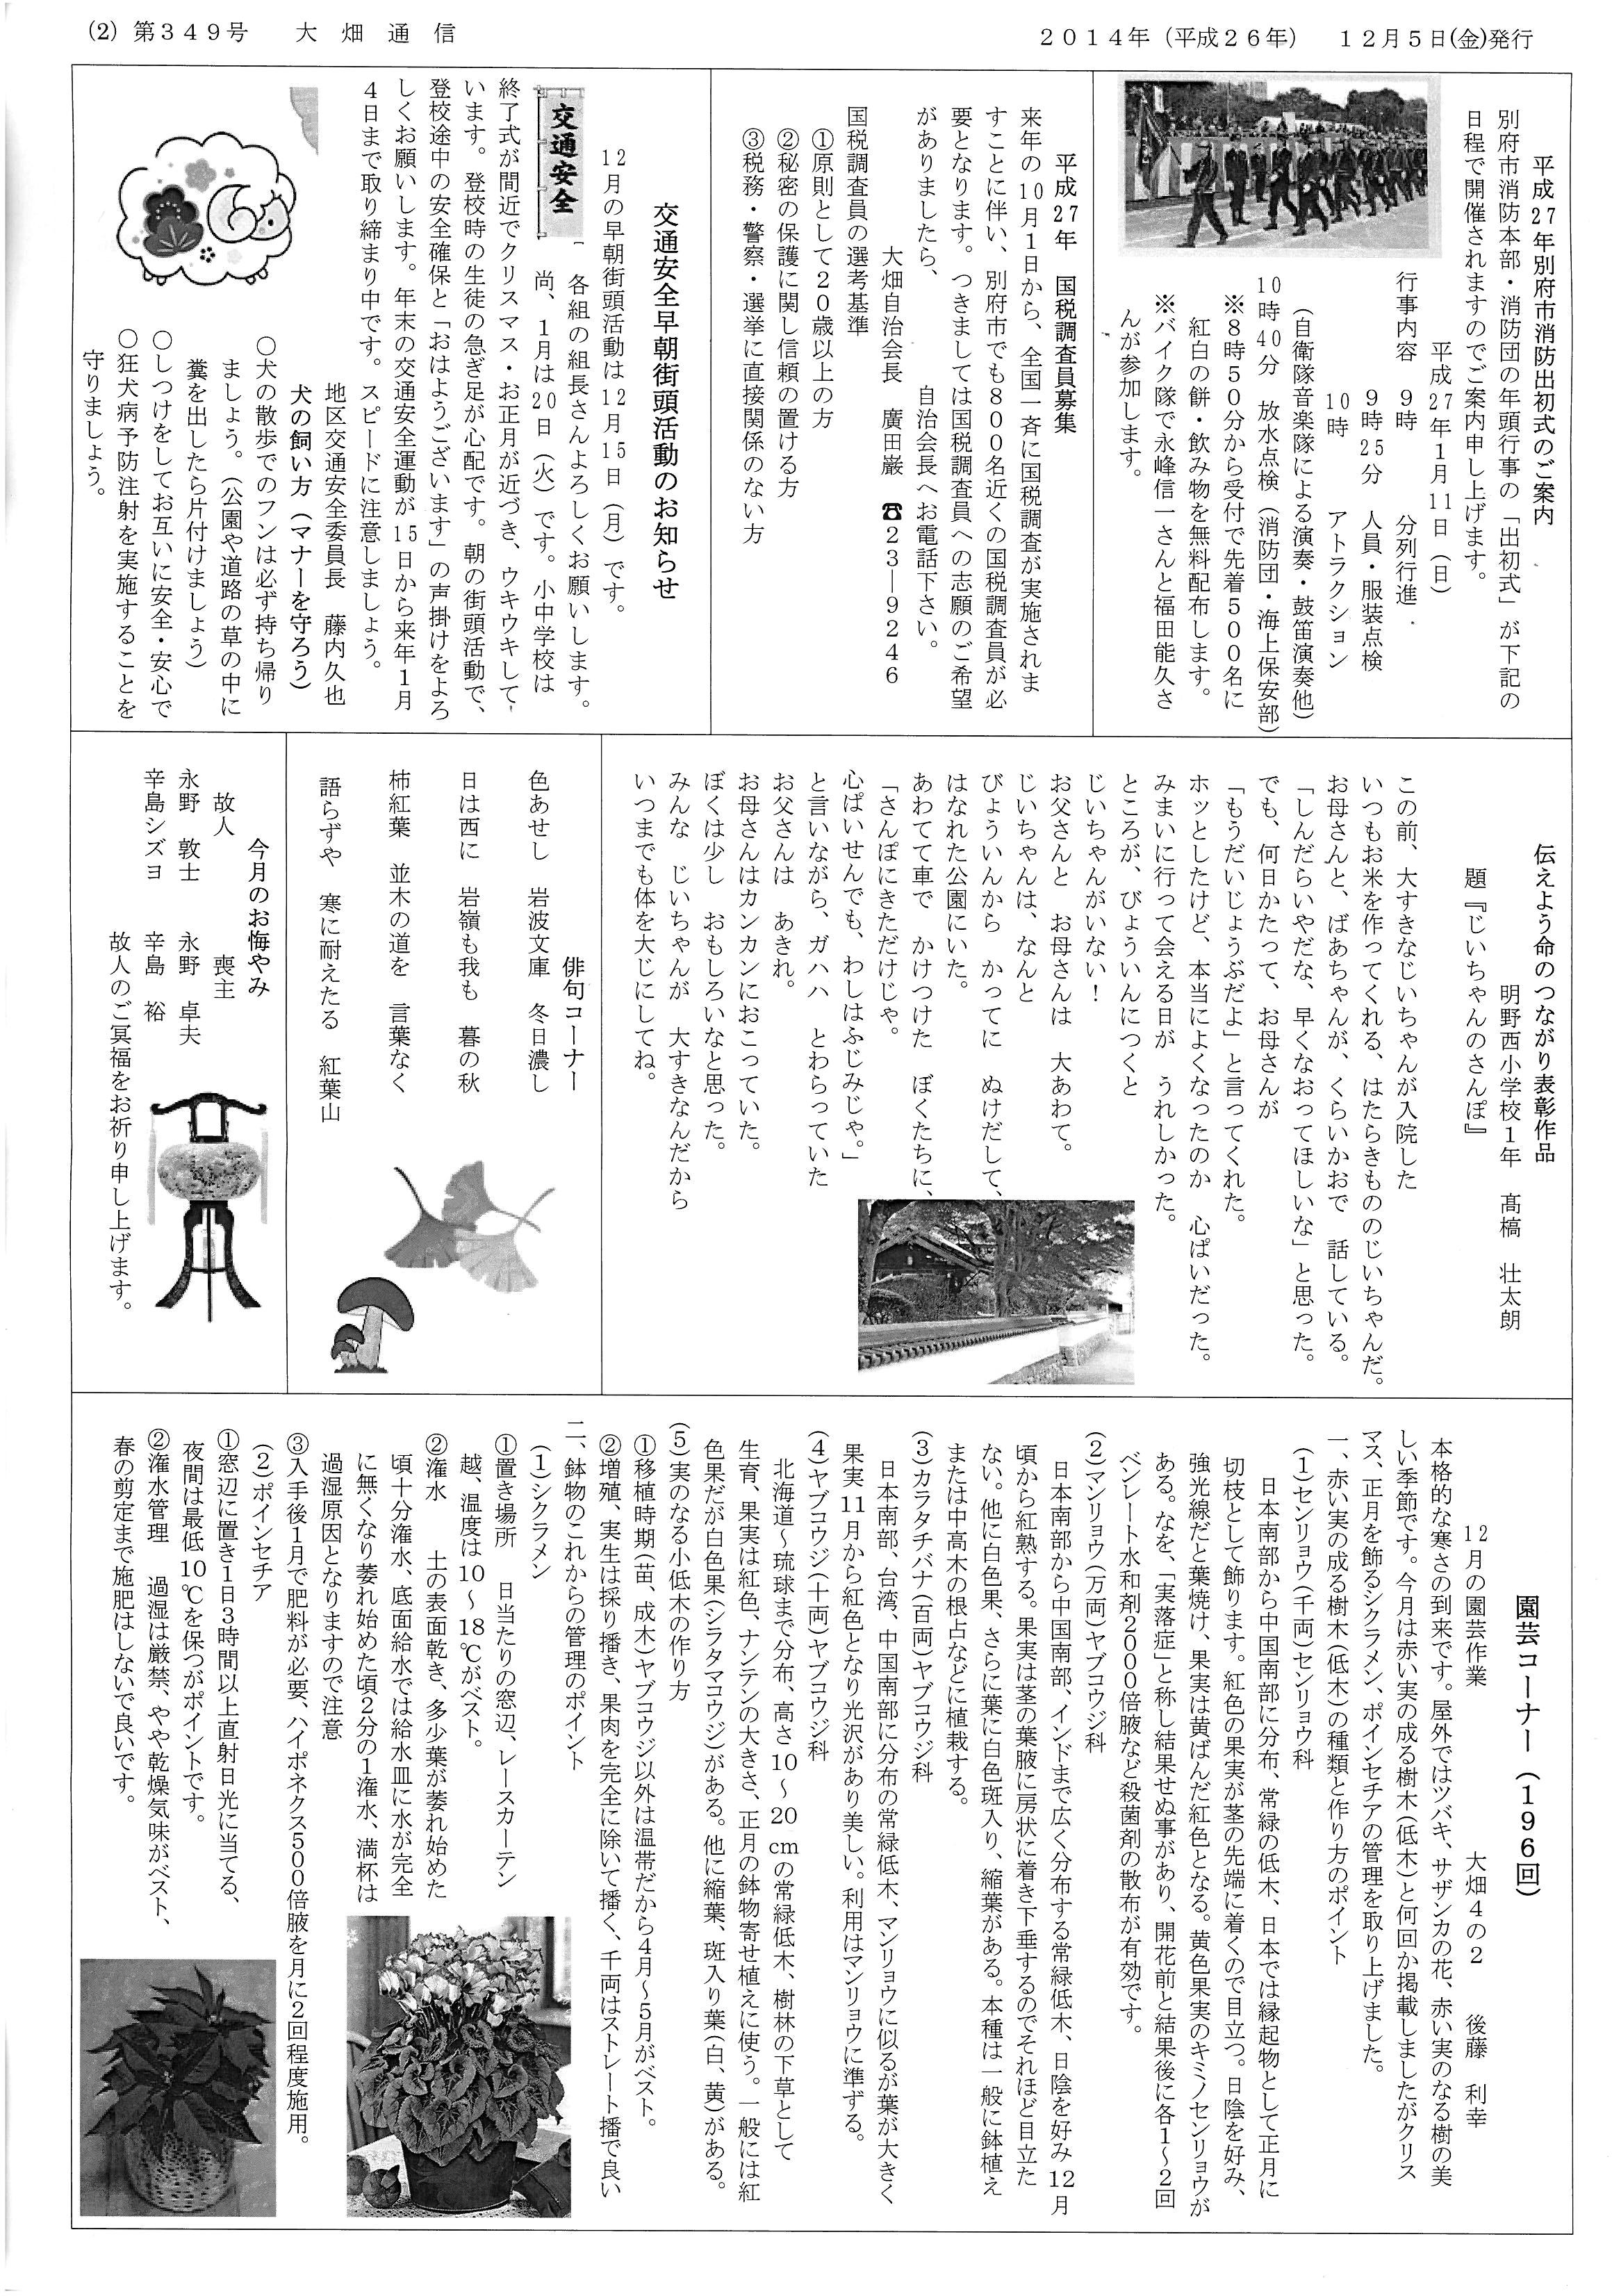 obatake2014_12_02